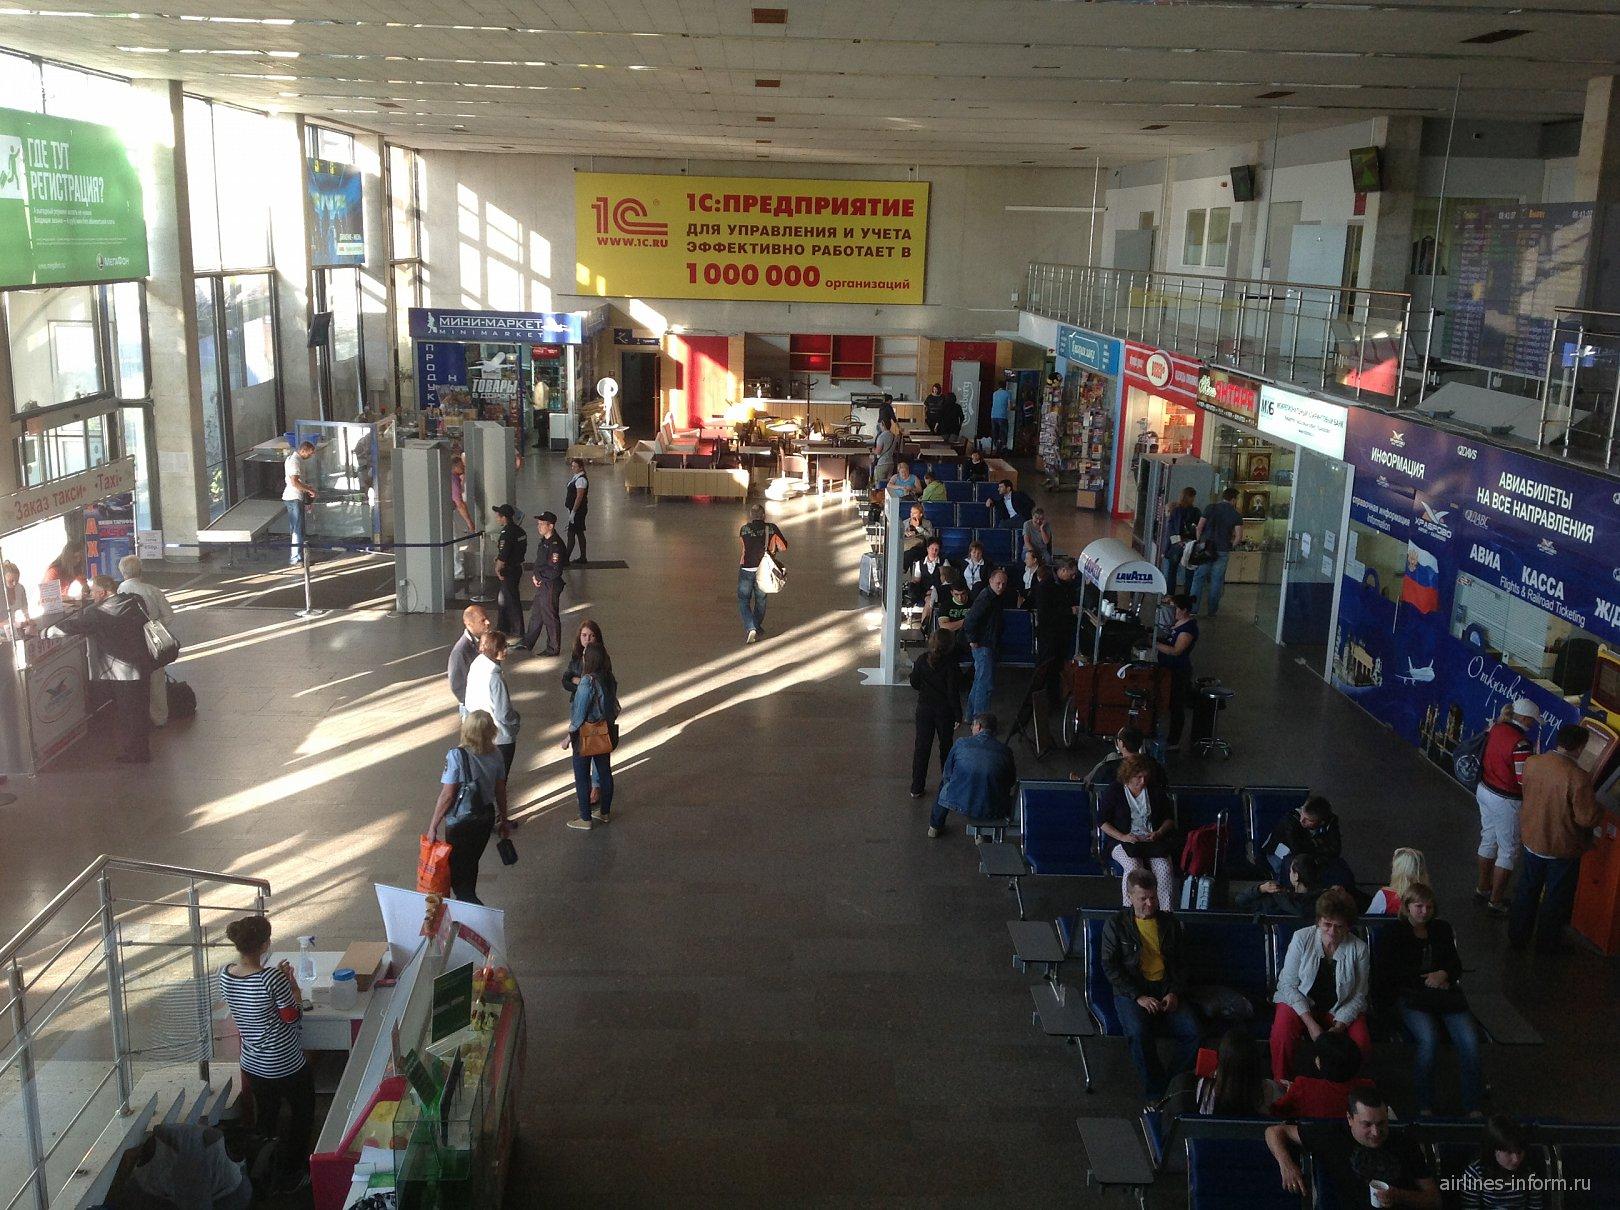 В аэровокзале аэропорта Храброво в Калининграде